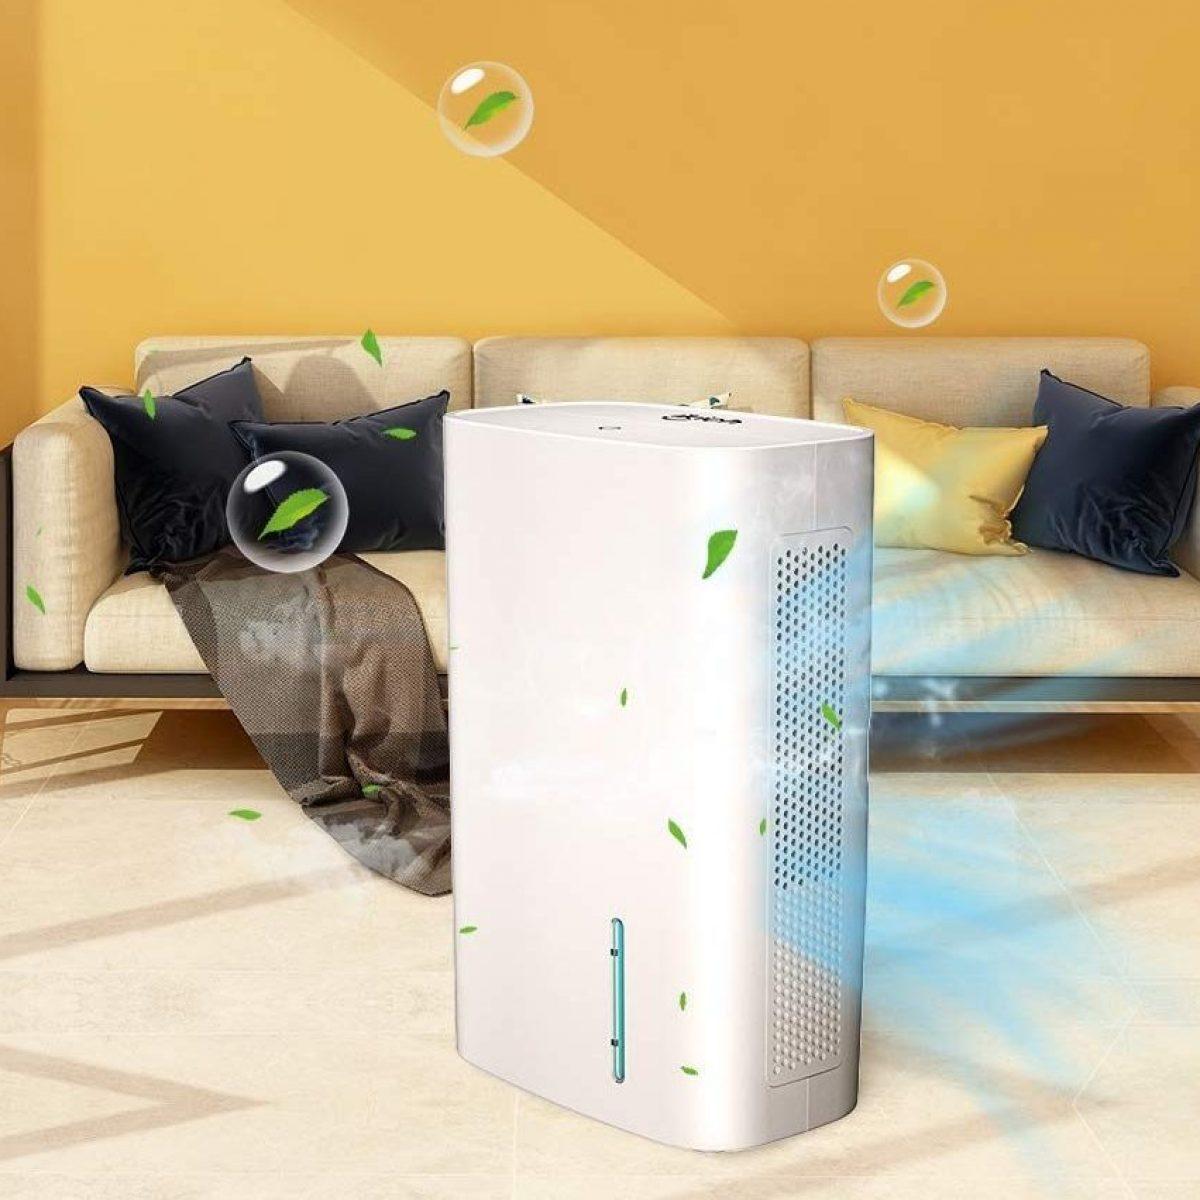 LUKO 20L deumidificatore portatile vestiti asciutti e purificare laria cantina garage per casa silenzioso ed elettrico grande serbatoio da 5,5 litri con tubo di drenare bagno camera da letto